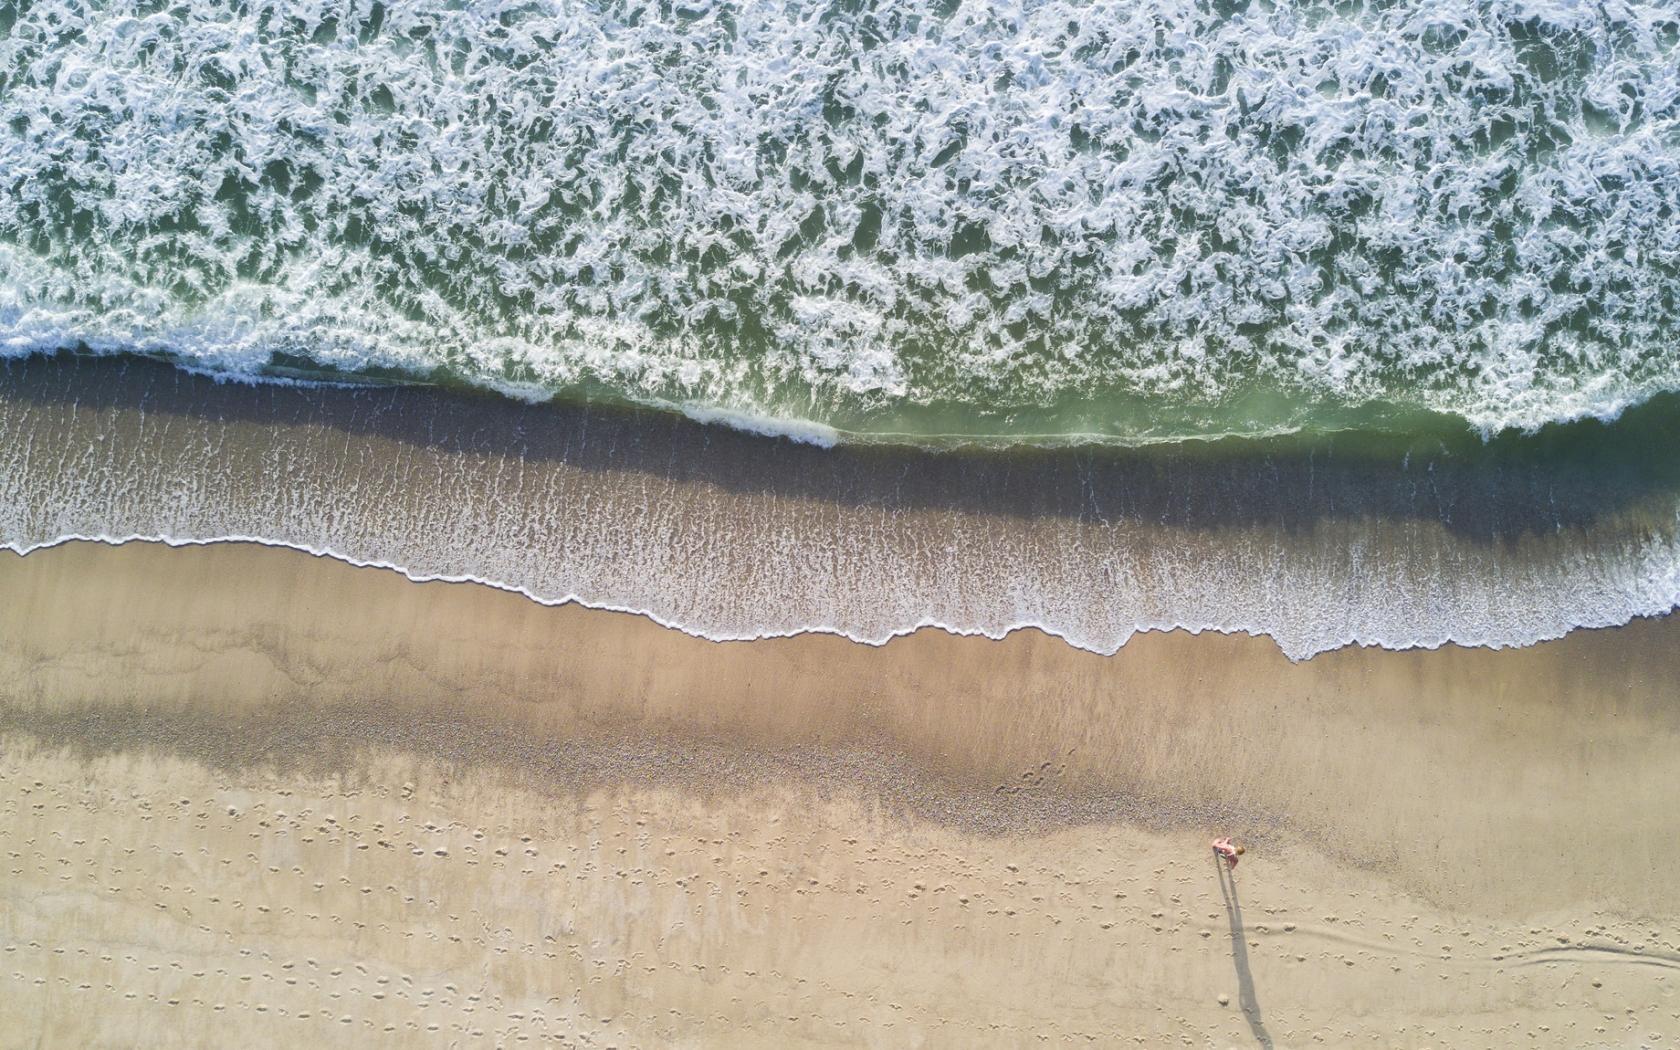 Vista de Playas de drones - 1680x1050